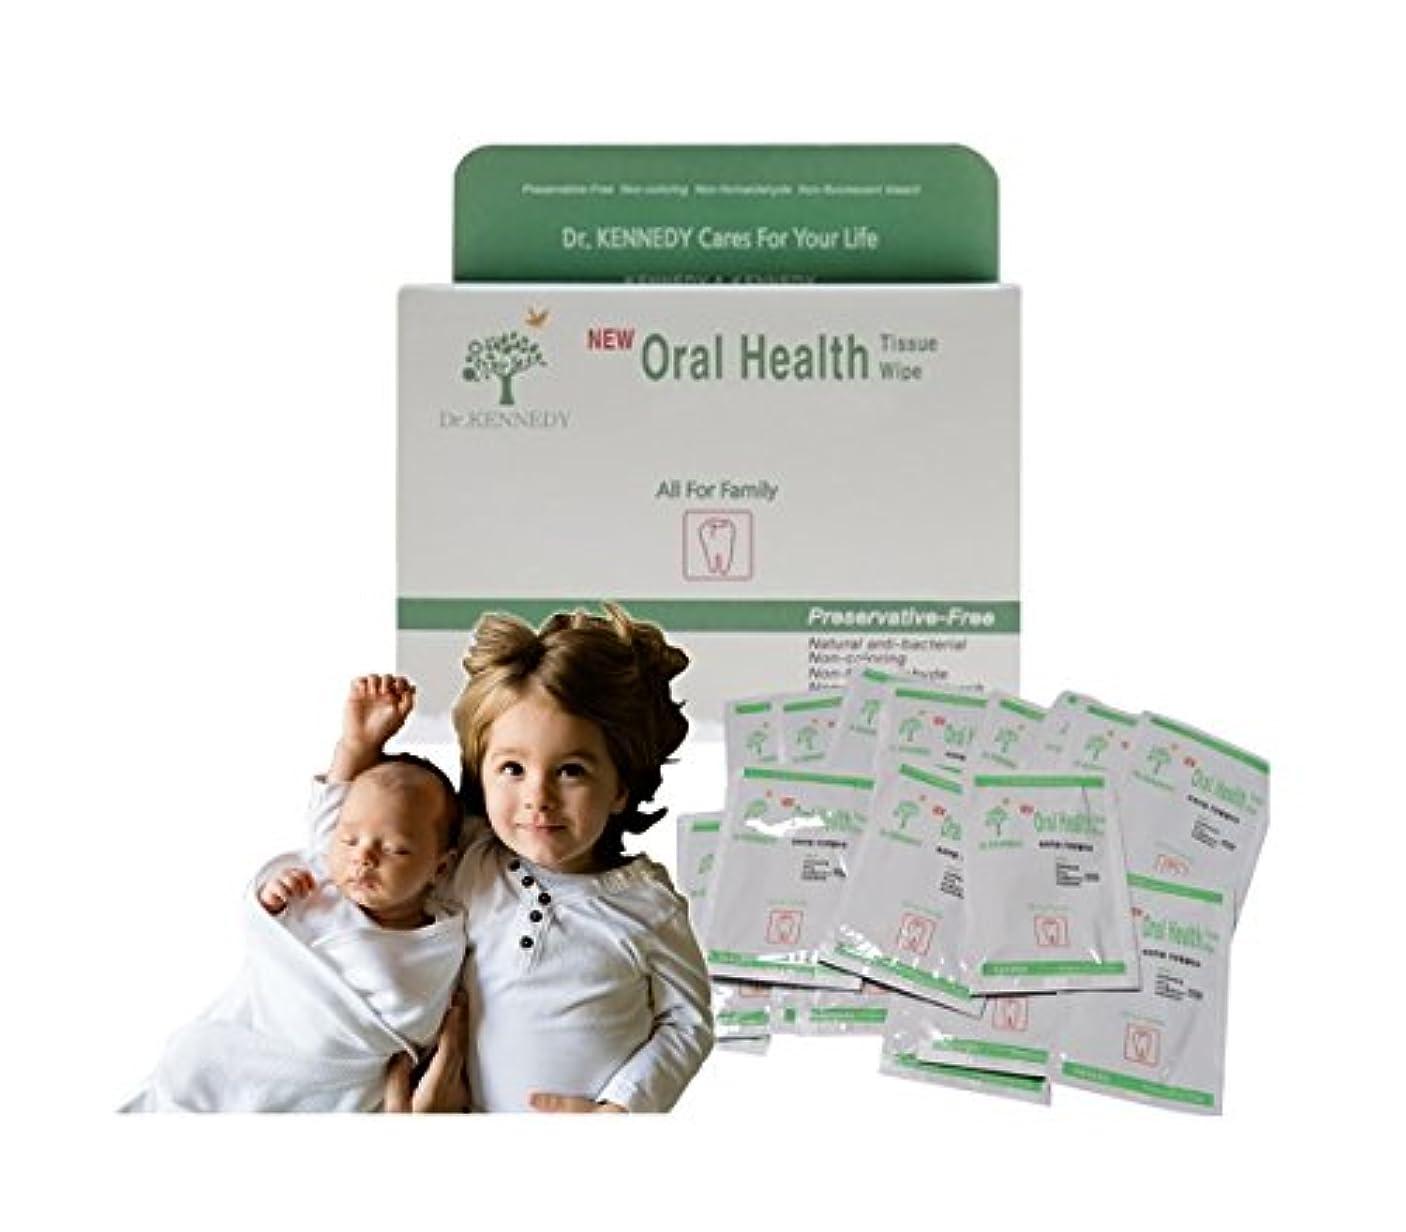 遺産胆嚢陪審50枚 ベビーケアデンタルケア 安全 成分 歯磨き代用 幼兒 乳歯 口腔健康 Cotton ティッシュぺーパー 並行輸入